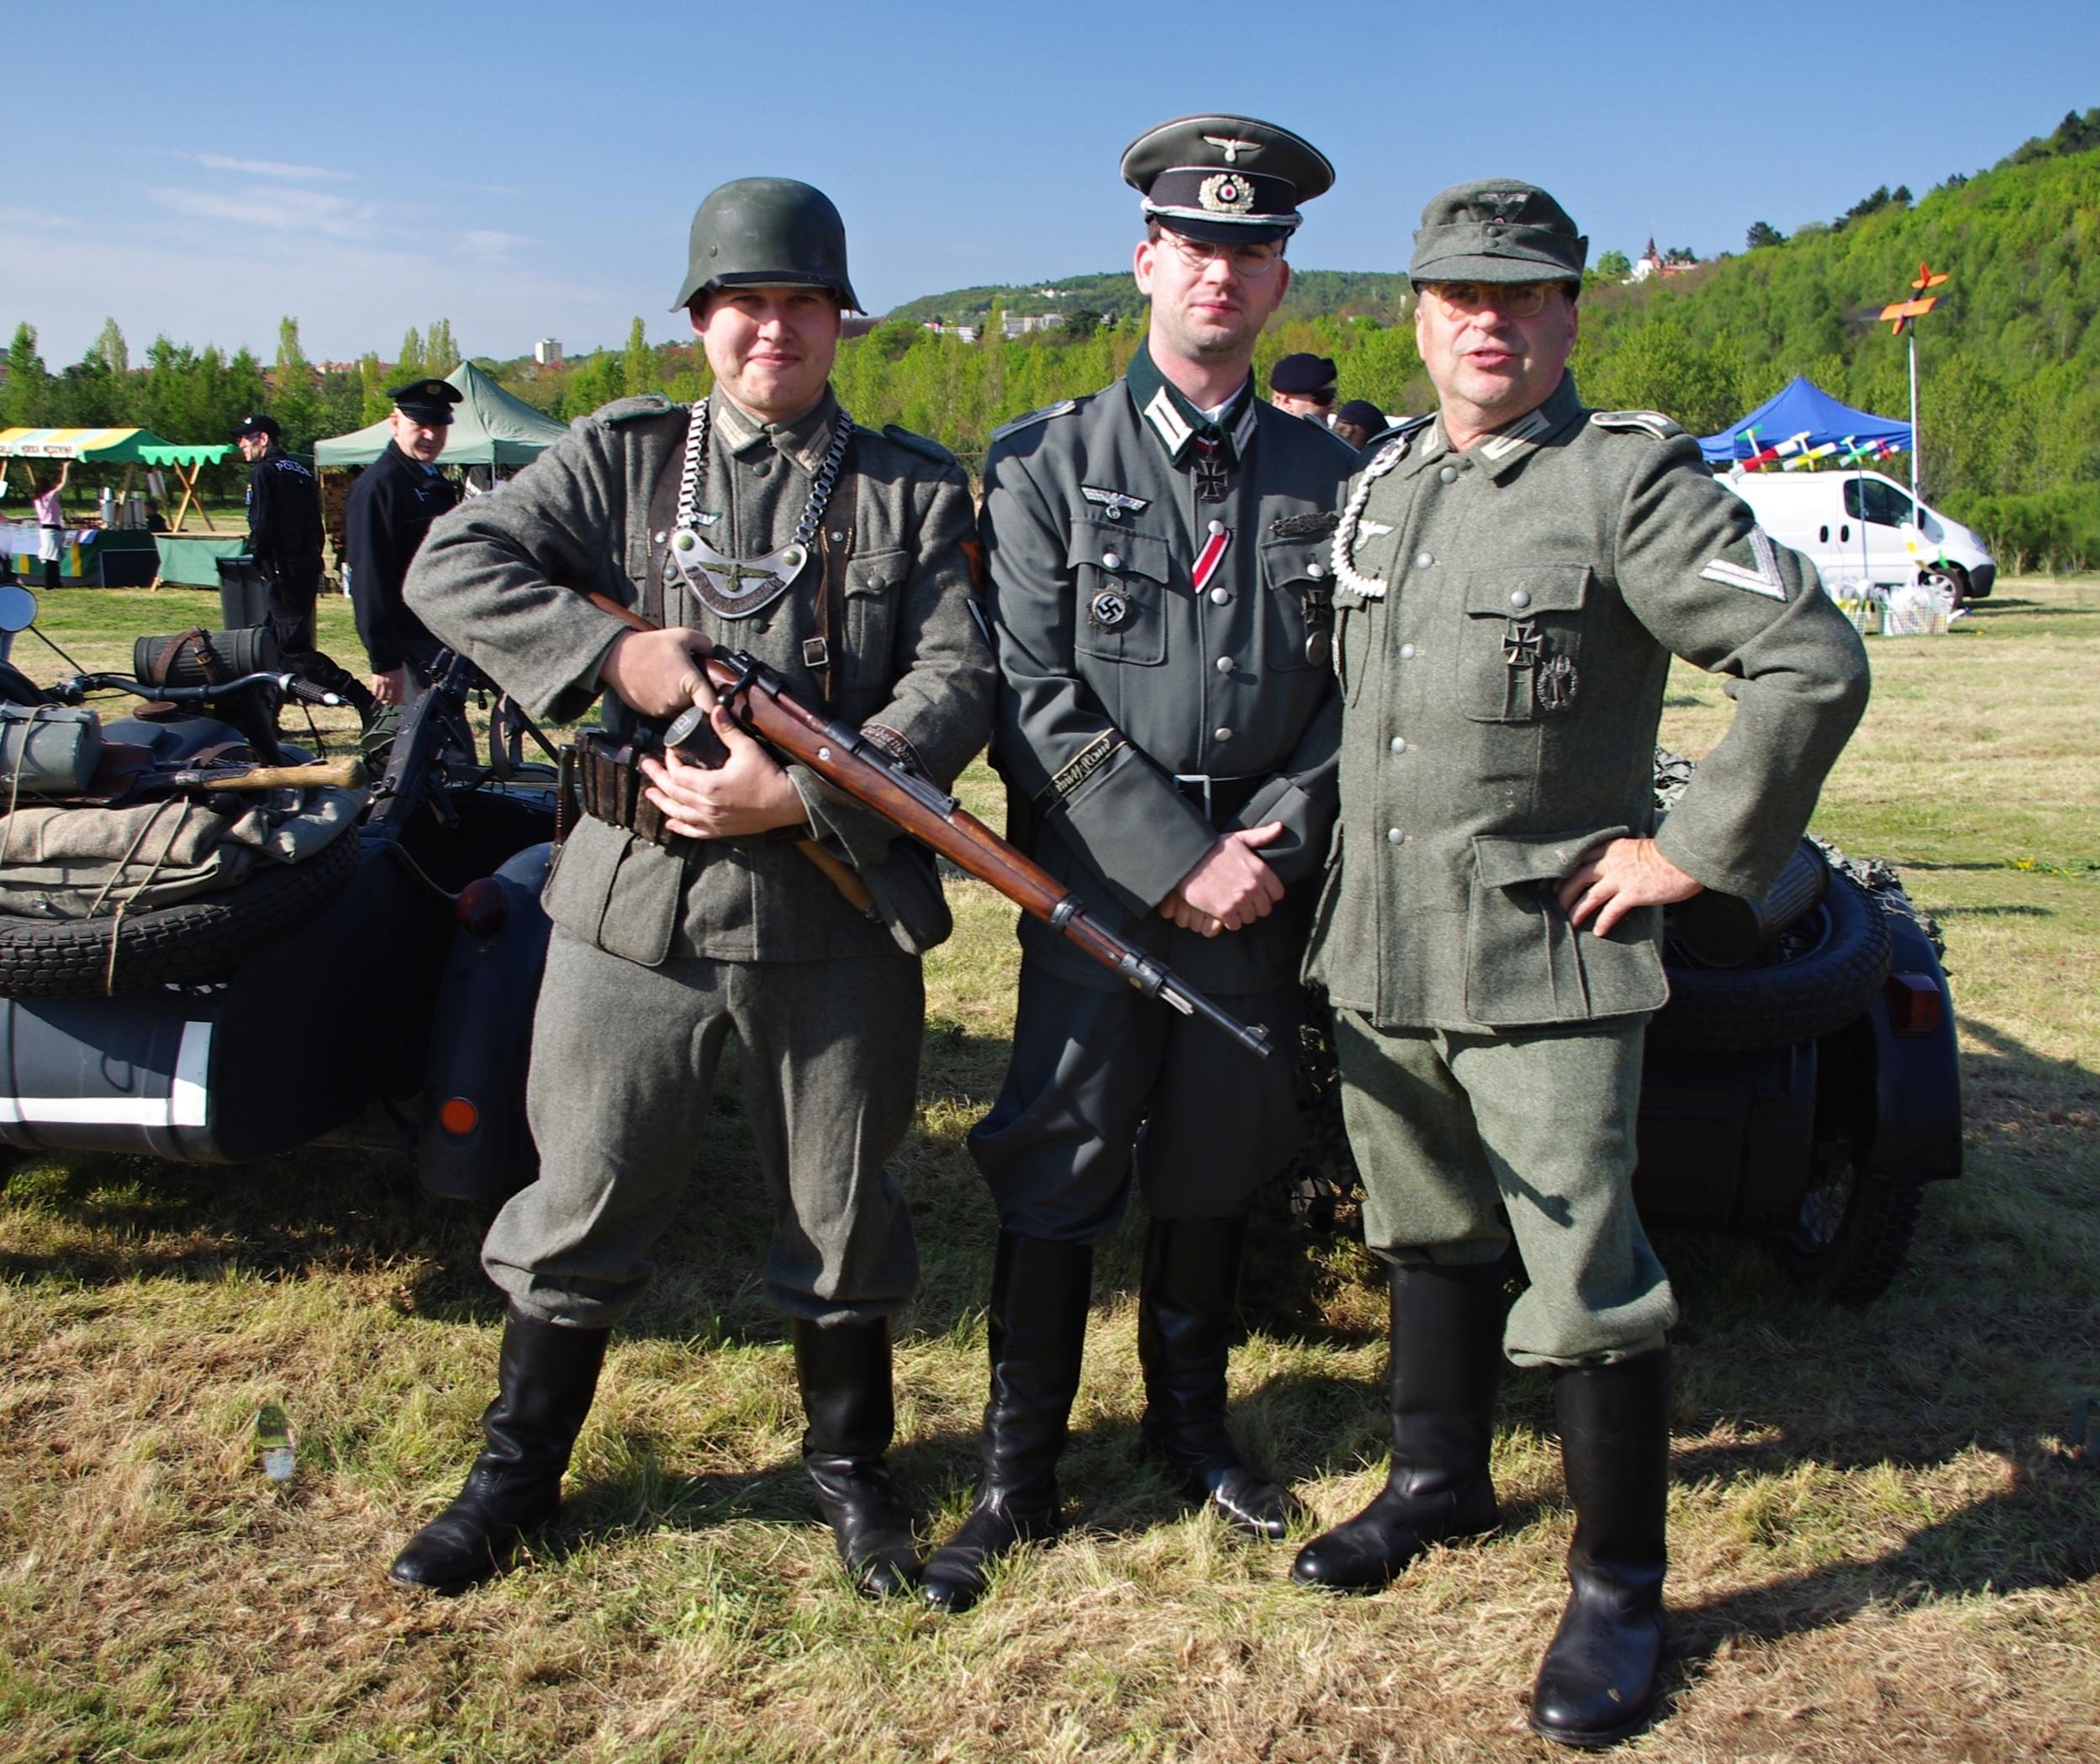 hình ảnh : người, quân đội, chuyên nghiệp, Vũ khí, Binh lính, Quân đội, Chiến tranh, Bộ binh, không quân, Thế Chiến thứ nhất, Dân quân, Cảnh sát quân đội, ...